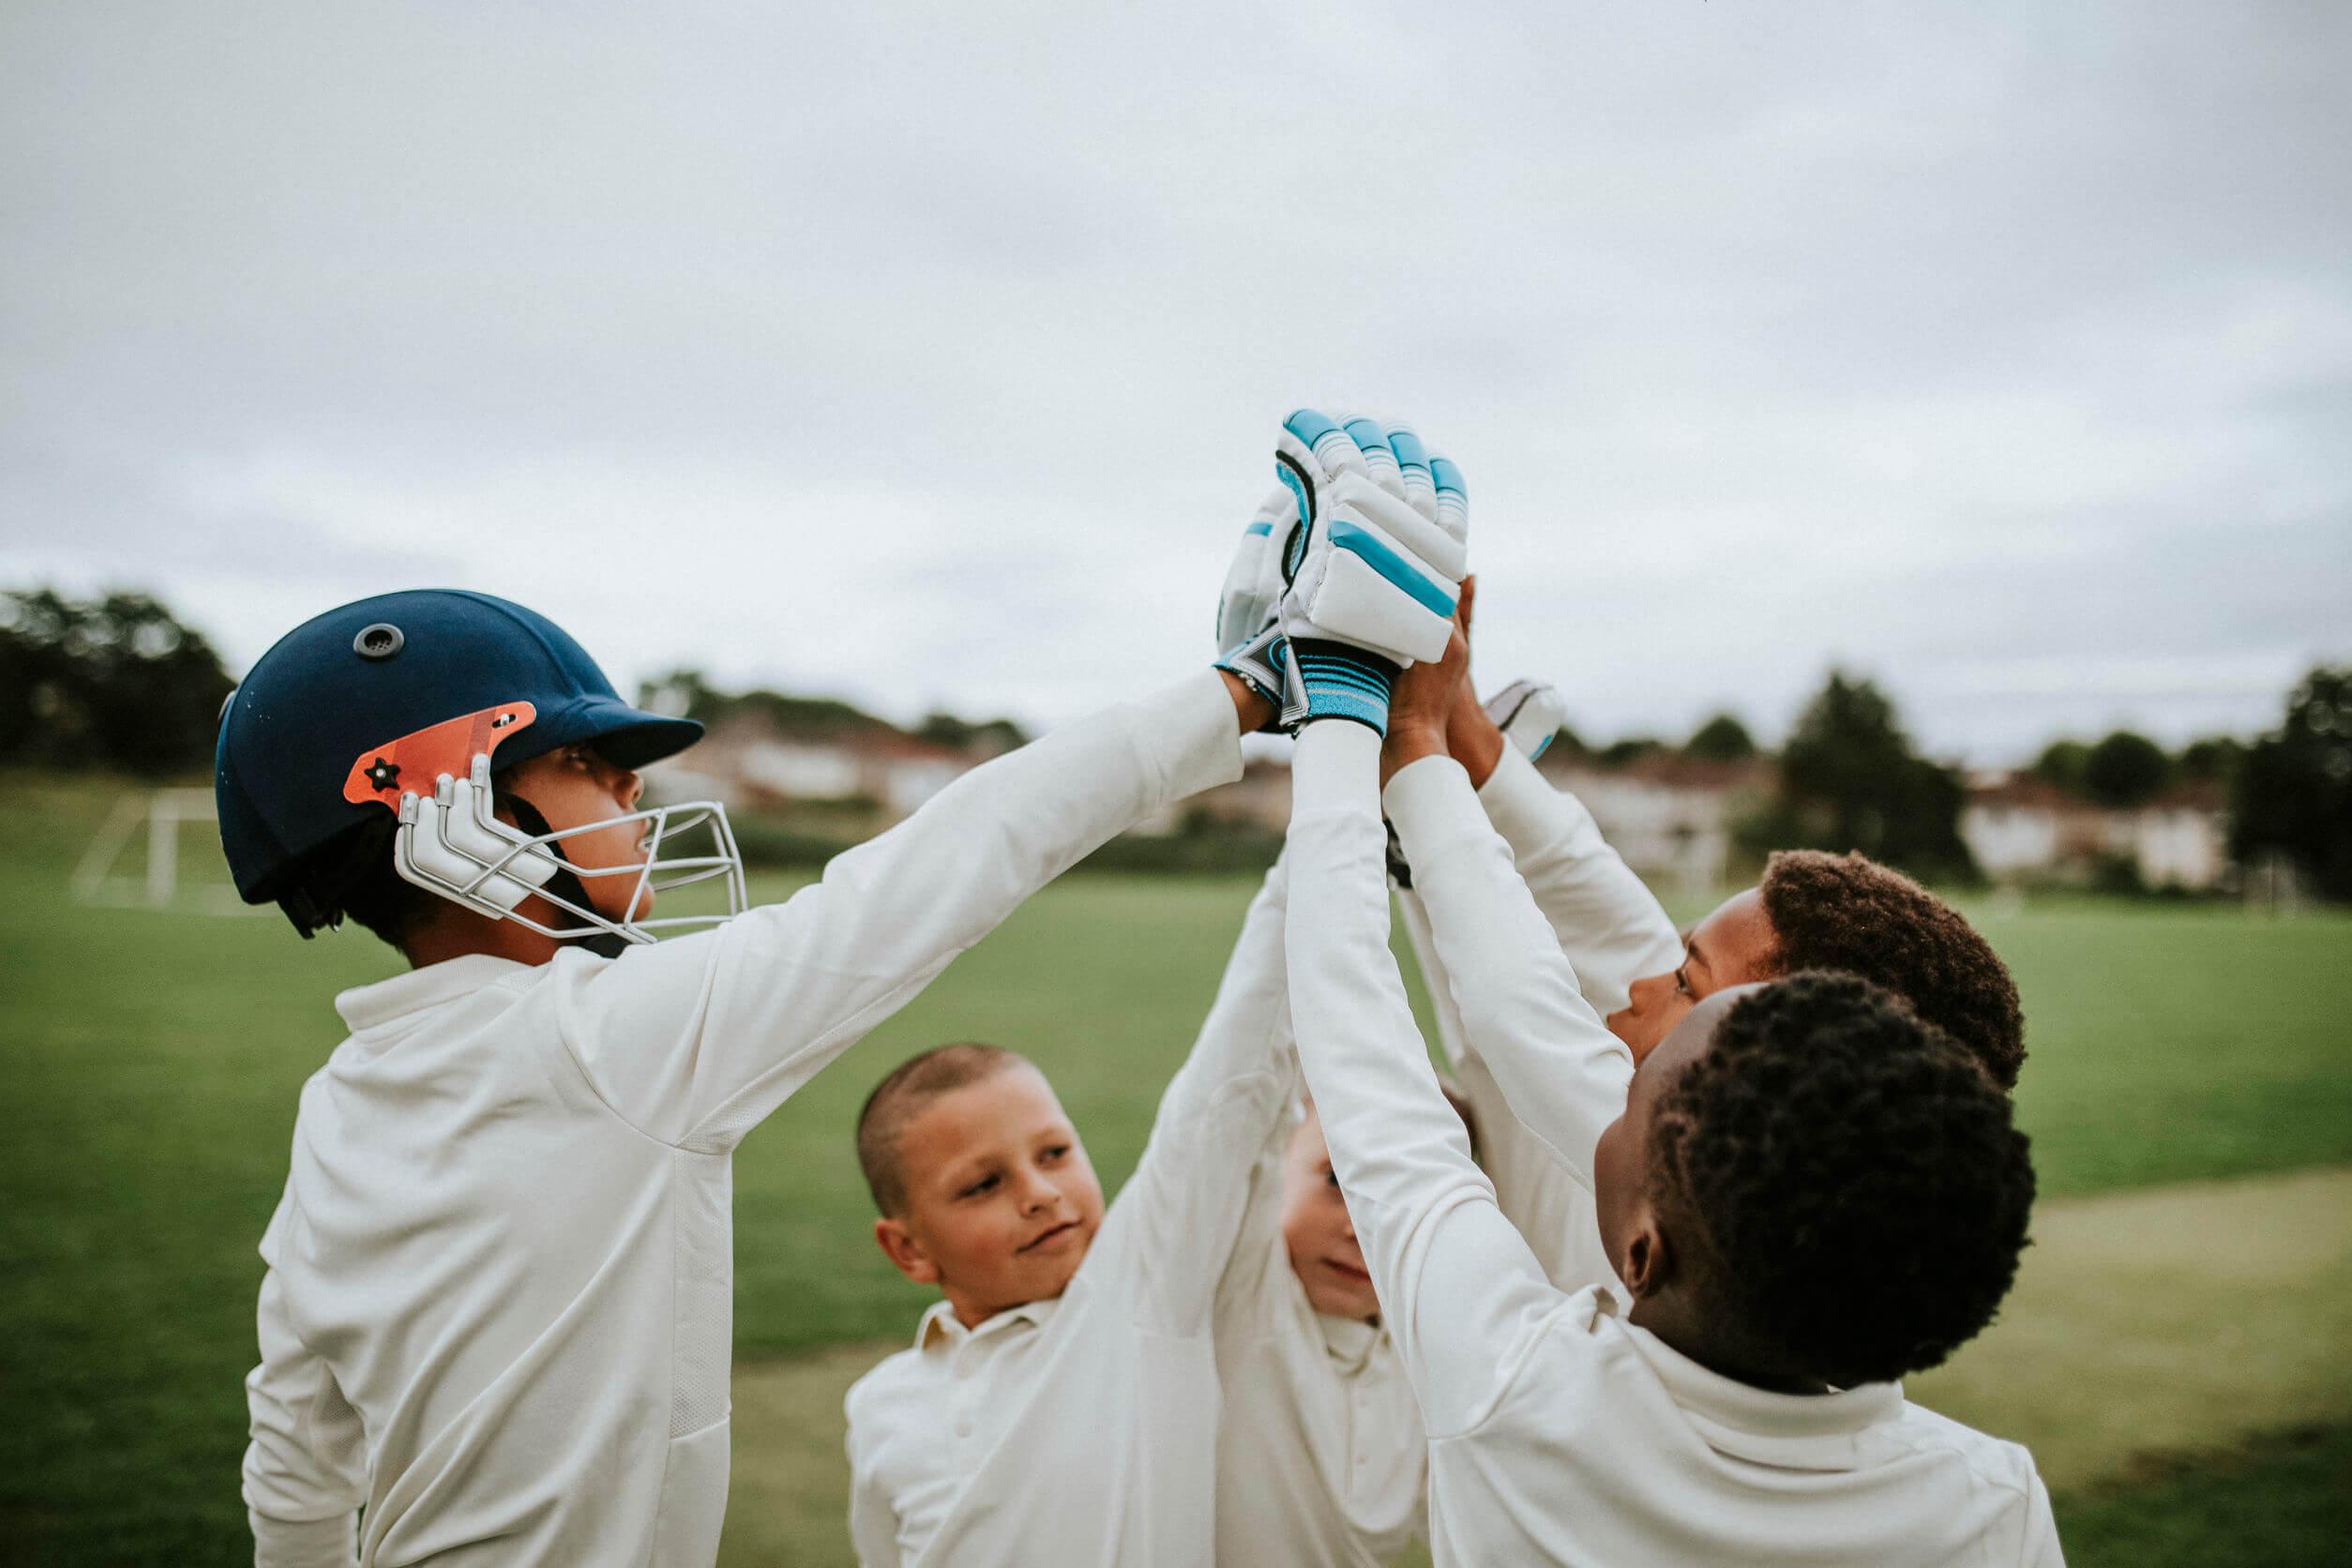 Niños aprendiendo empatía desde el deporte.